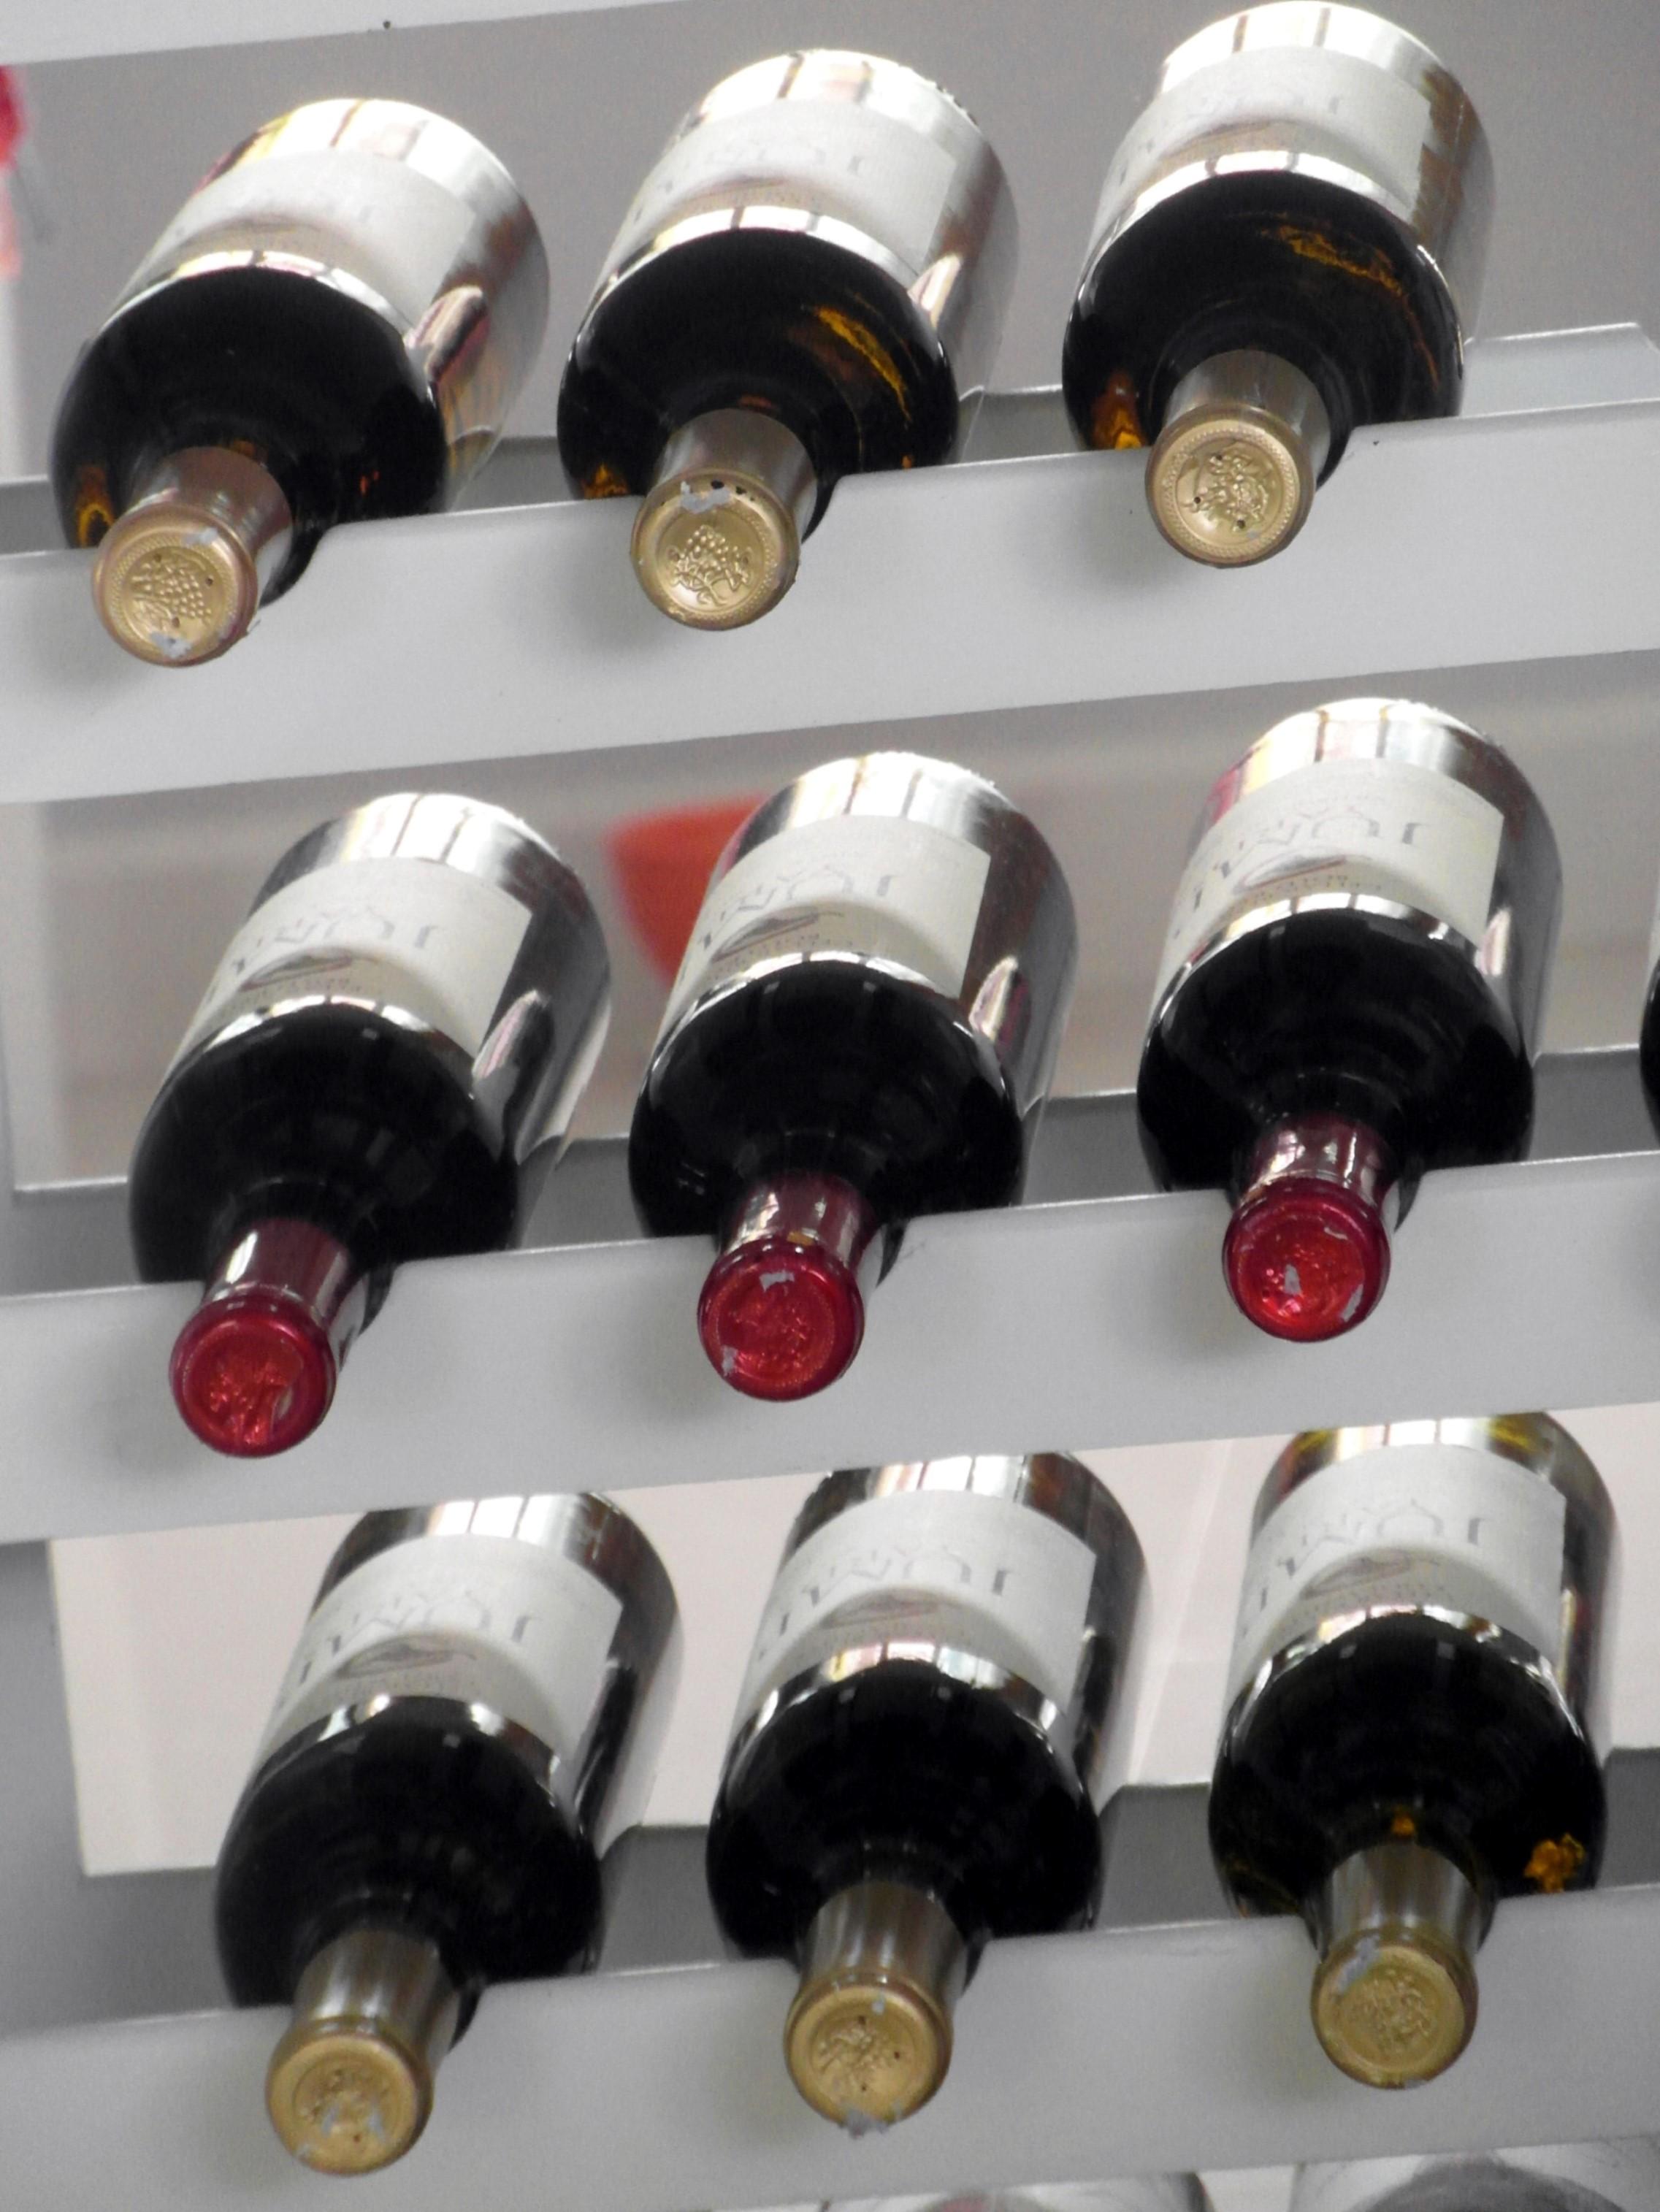 Wijn uit Frans paleis geveild